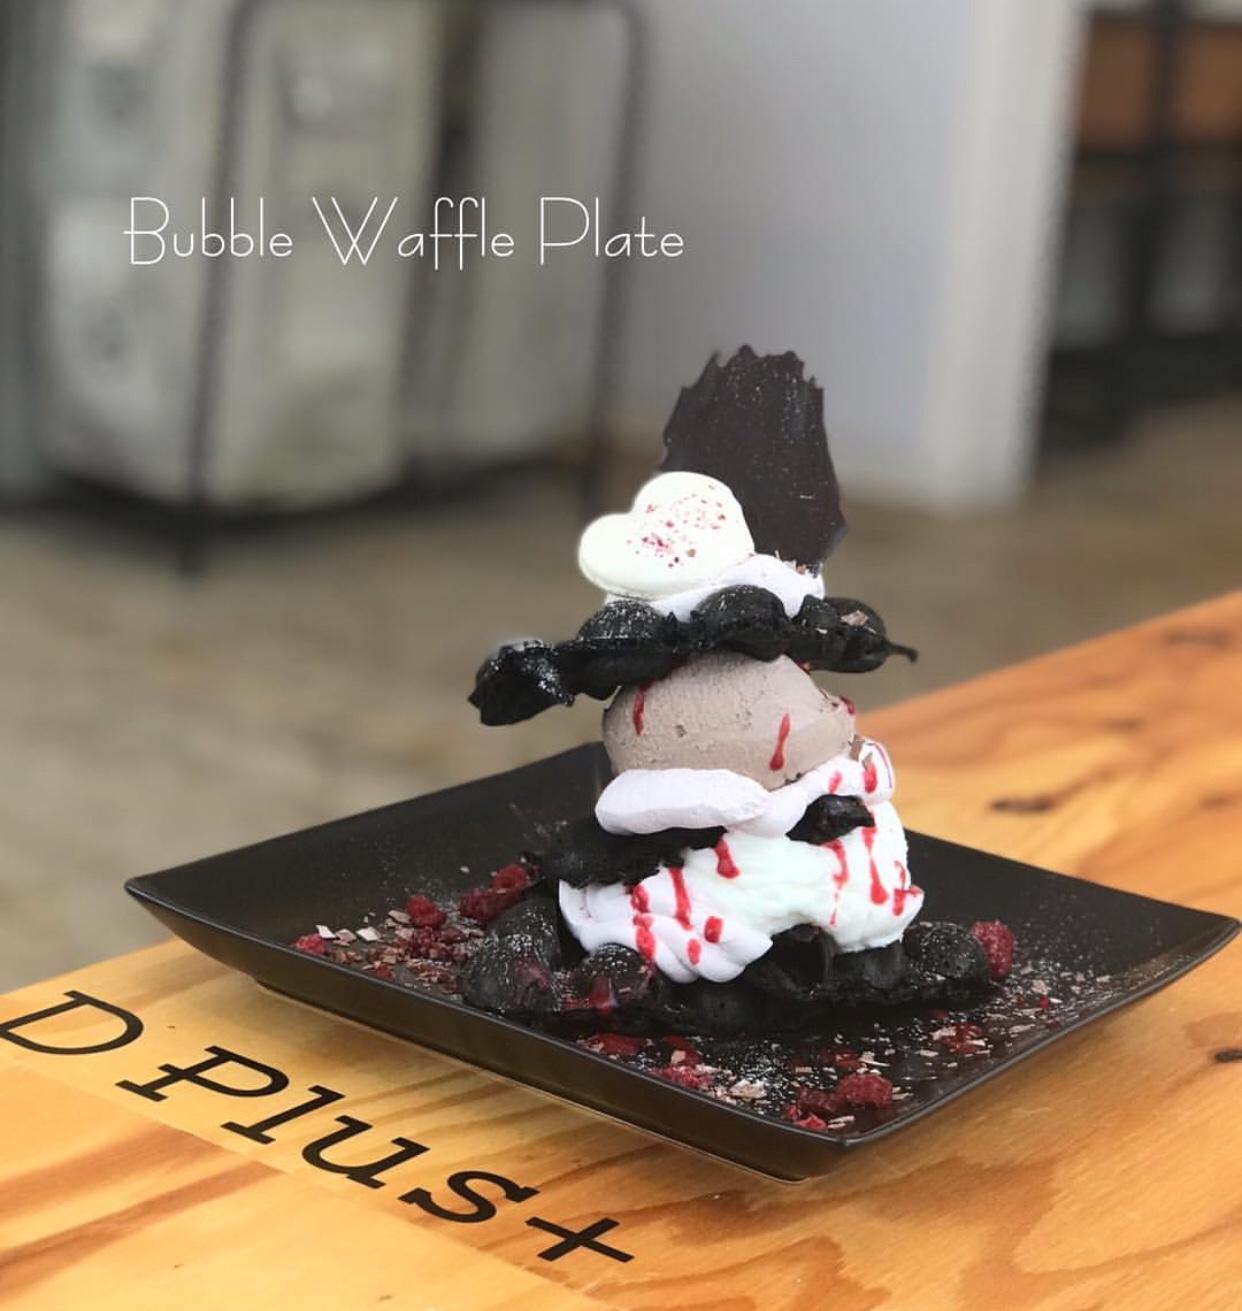 cafe D+(カフェ ディープラス)のバブルワッフルプレート